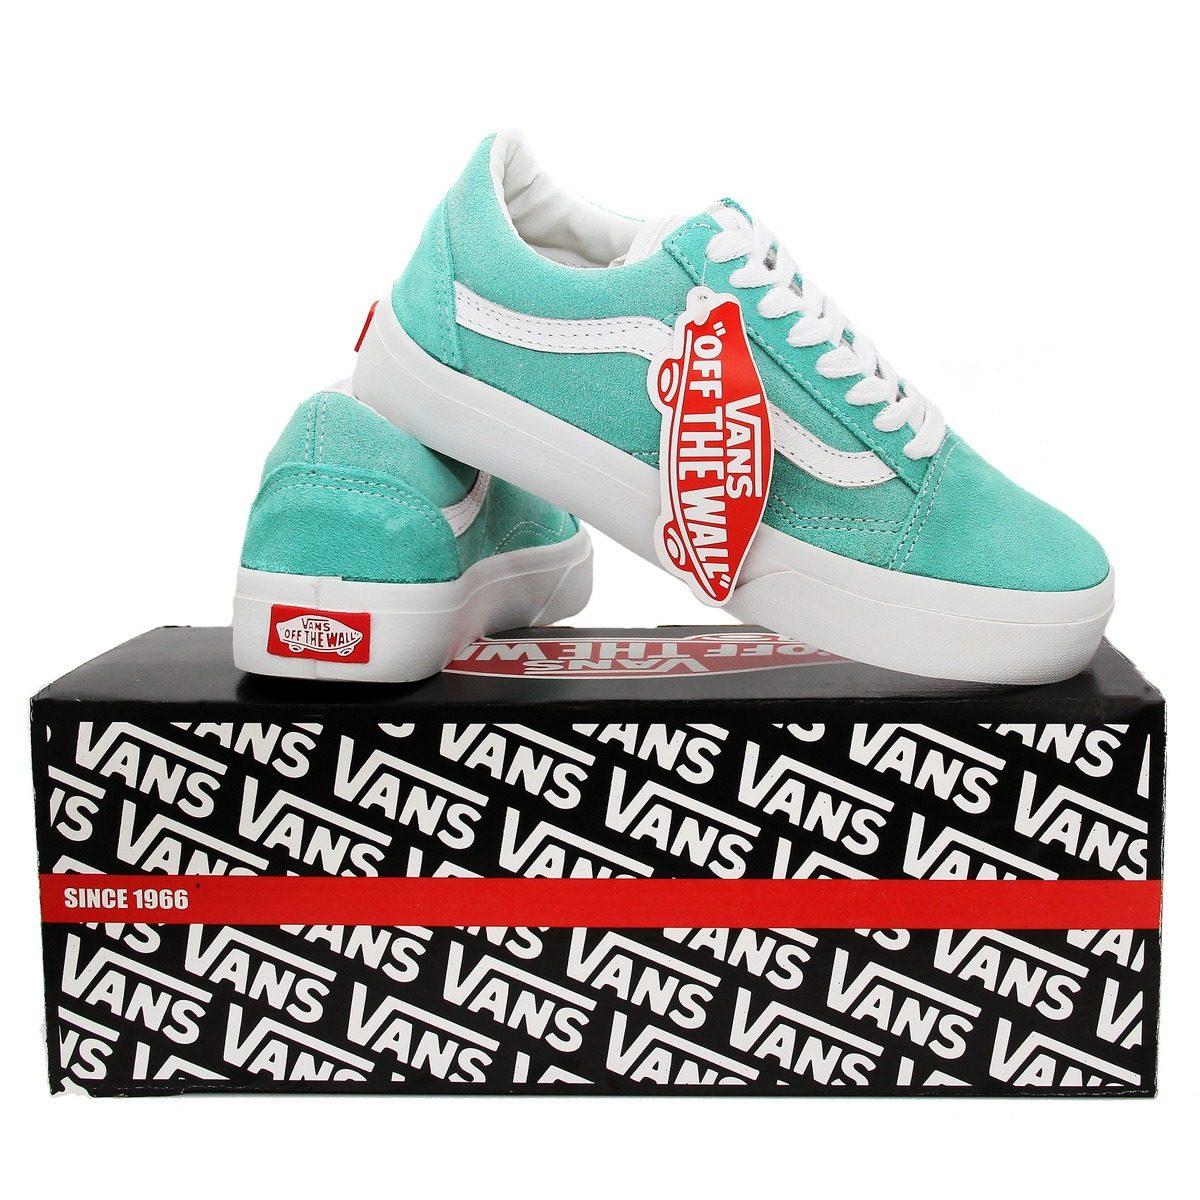 04825e3299 Tênis Vans Old Skool - Verde Água - R$ 149,99 em Mercado Livre